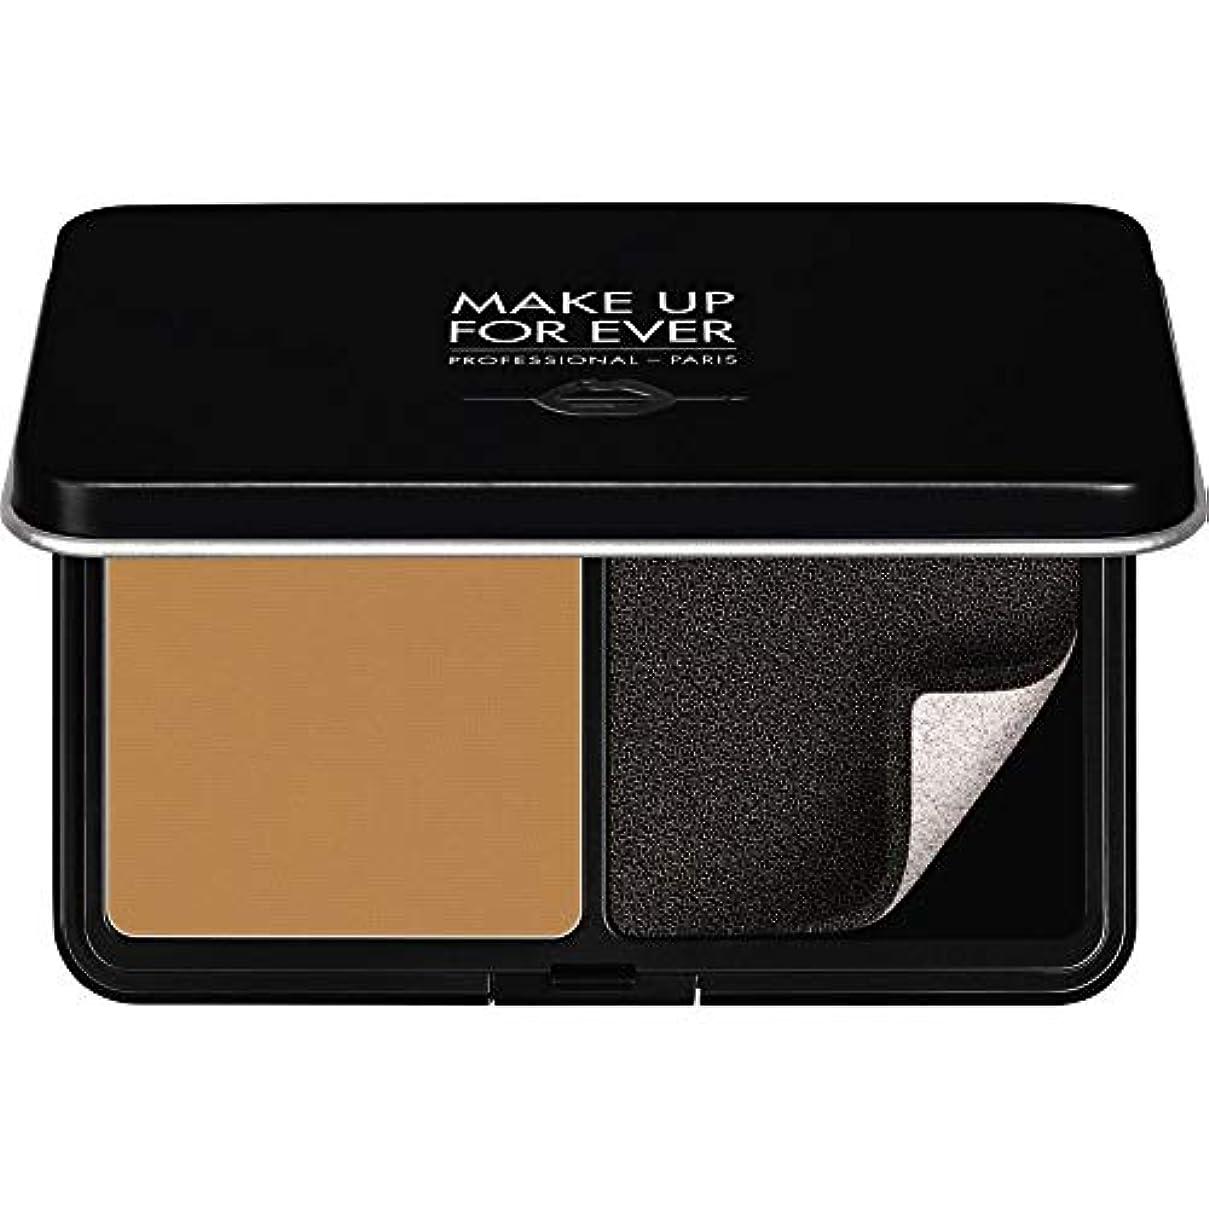 ファイナンス気絶させるでも[MAKE UP FOR EVER ] パウダーファンデーション11GののY455をぼかし、これまでマットベルベットの肌を補う - プラリネ - MAKE UP FOR EVER Matte Velvet Skin Blurring Powder Foundation 11g Y455 - Praline [並行輸入品]